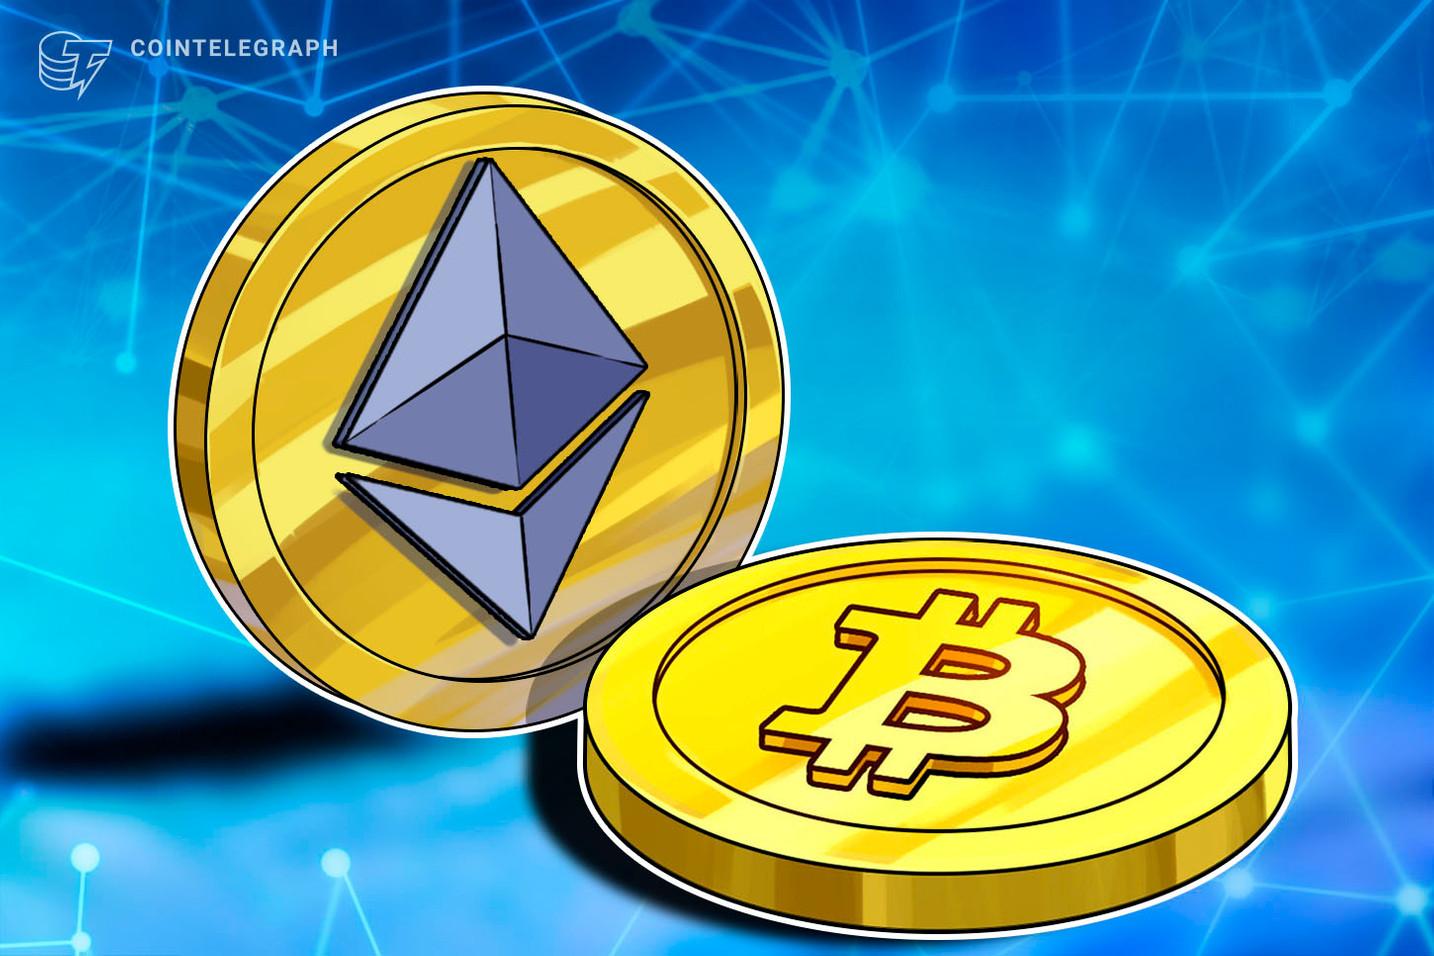 เดคัปปลิ้งไปข้างหน้า? ในที่สุด Bitcoin และ Ethereum ก็อาจสมานความสัมพันธ์ 36 เดือน